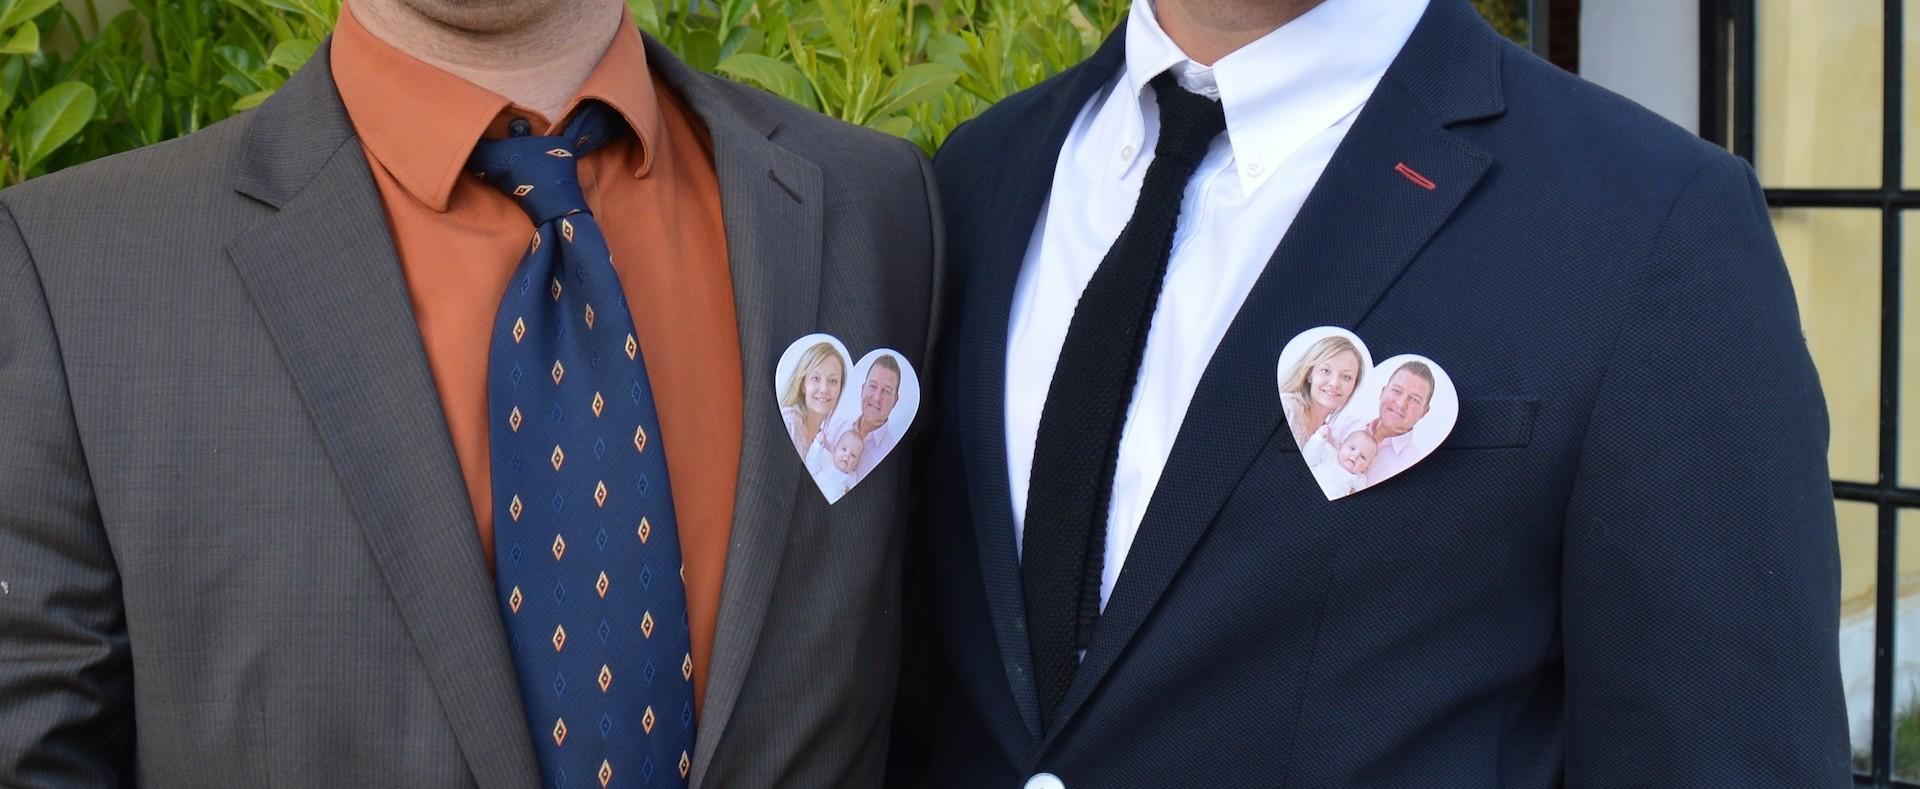 Fotoanstecker mit dem Bild des Brautpaares